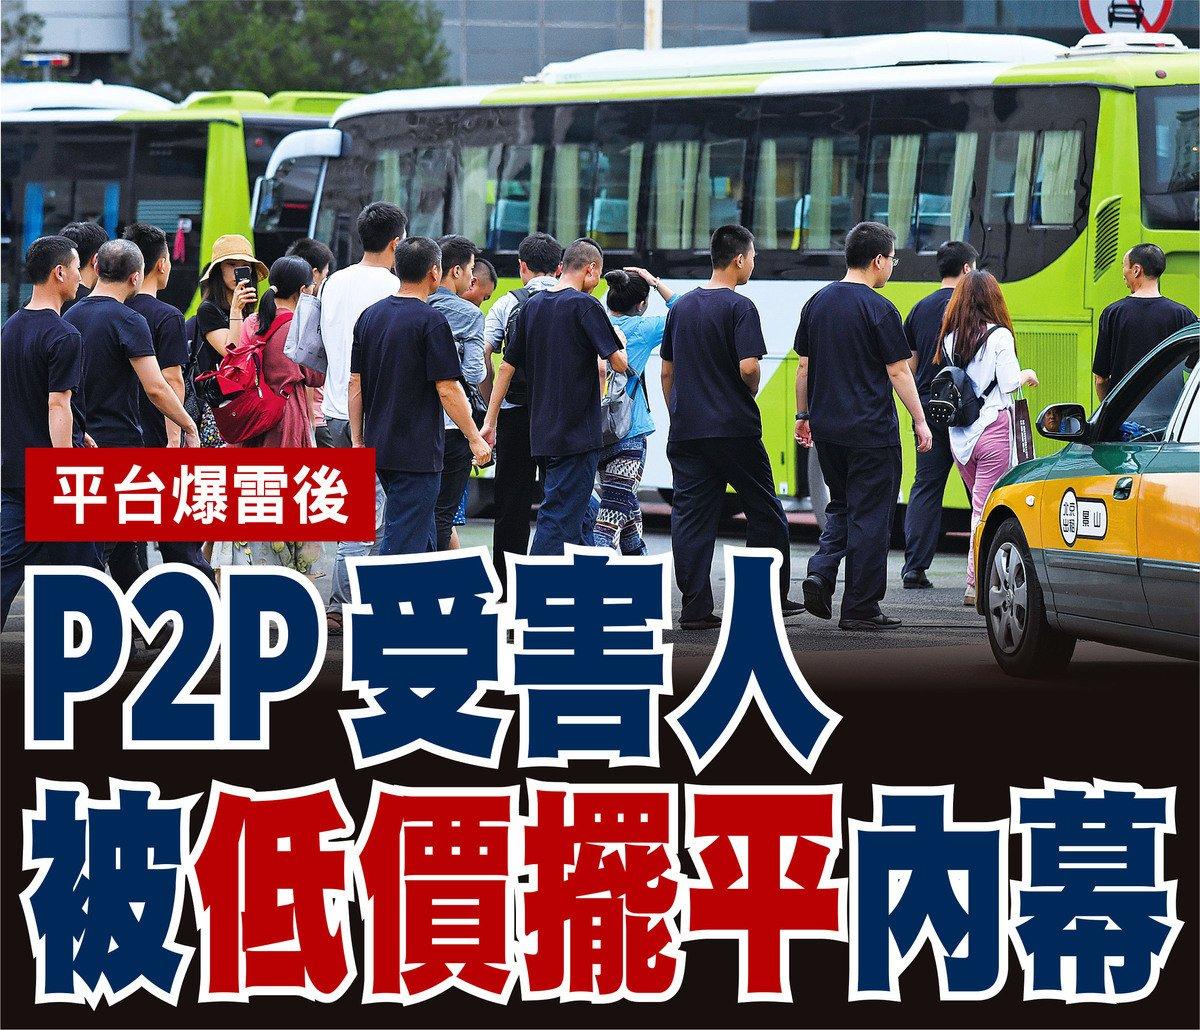 8月6日,大陸P2P平台投資受害人集體進京上訪,被北京警方趕到路邊的大巴上。當天警方準備了128輛大巴裝金融訪民。(Getty Images)